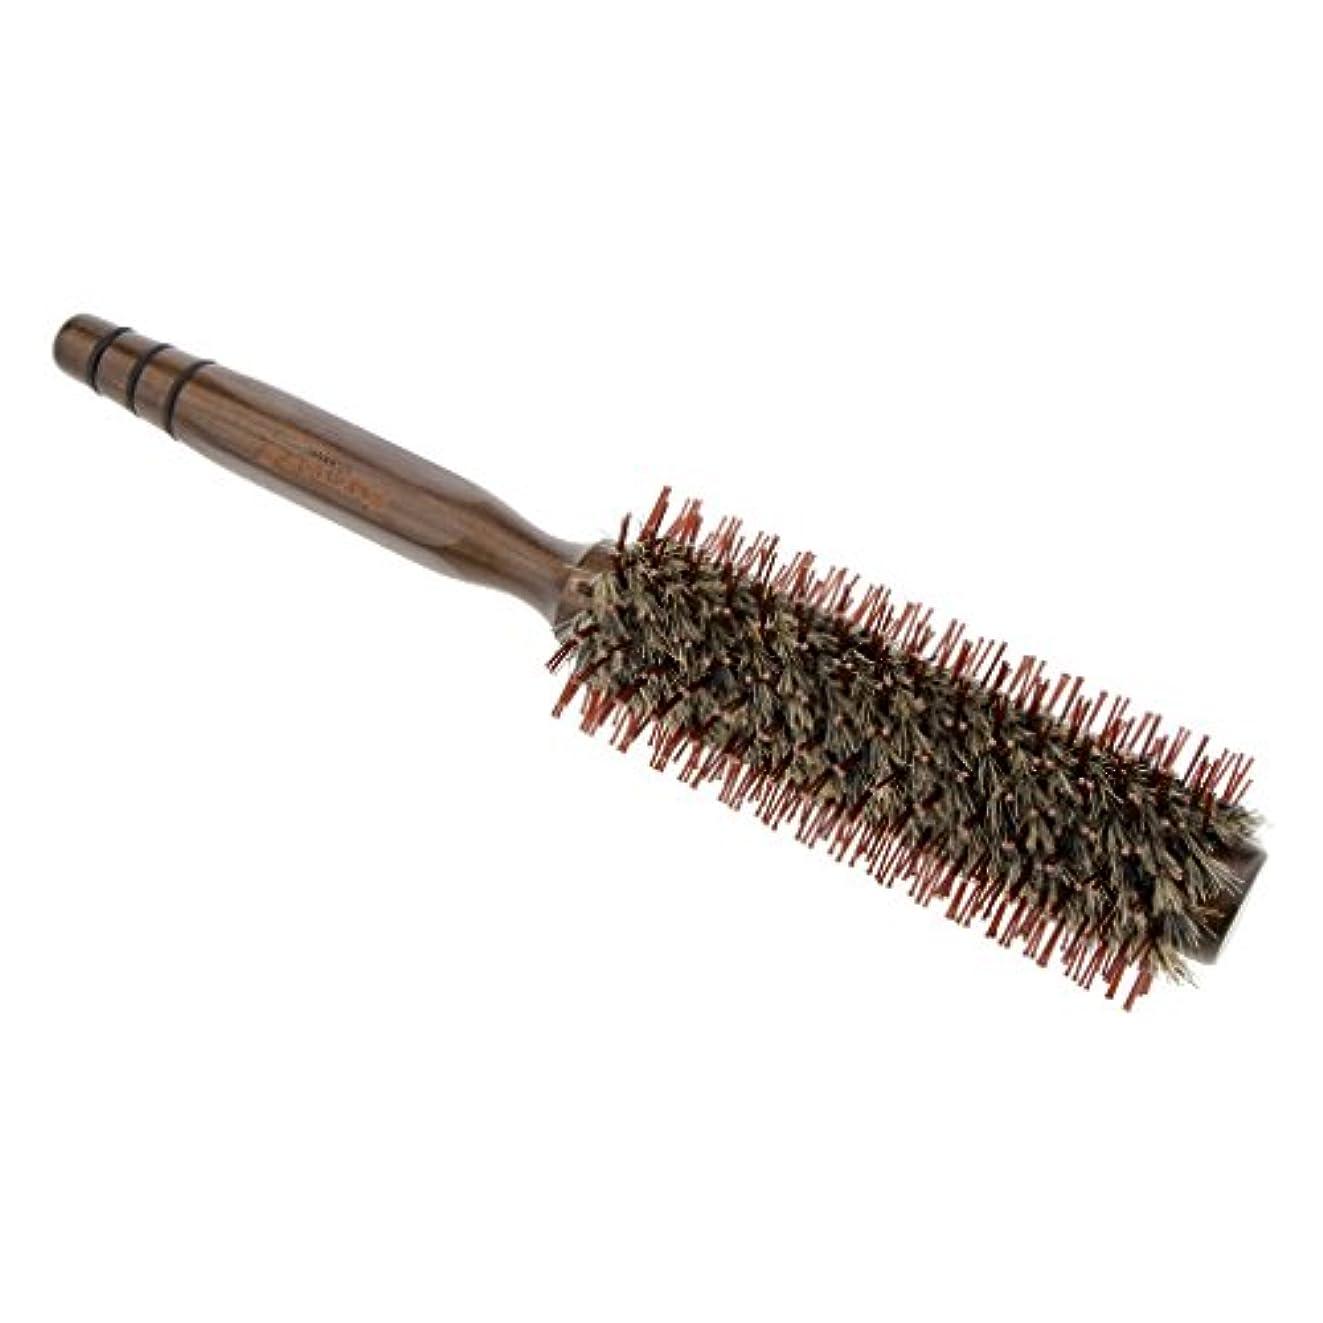 賛辞免疫他の日ロールブラシ ヘアコーム 木製櫛 高品質 家庭用 サロン 美容師 3サイズ - L